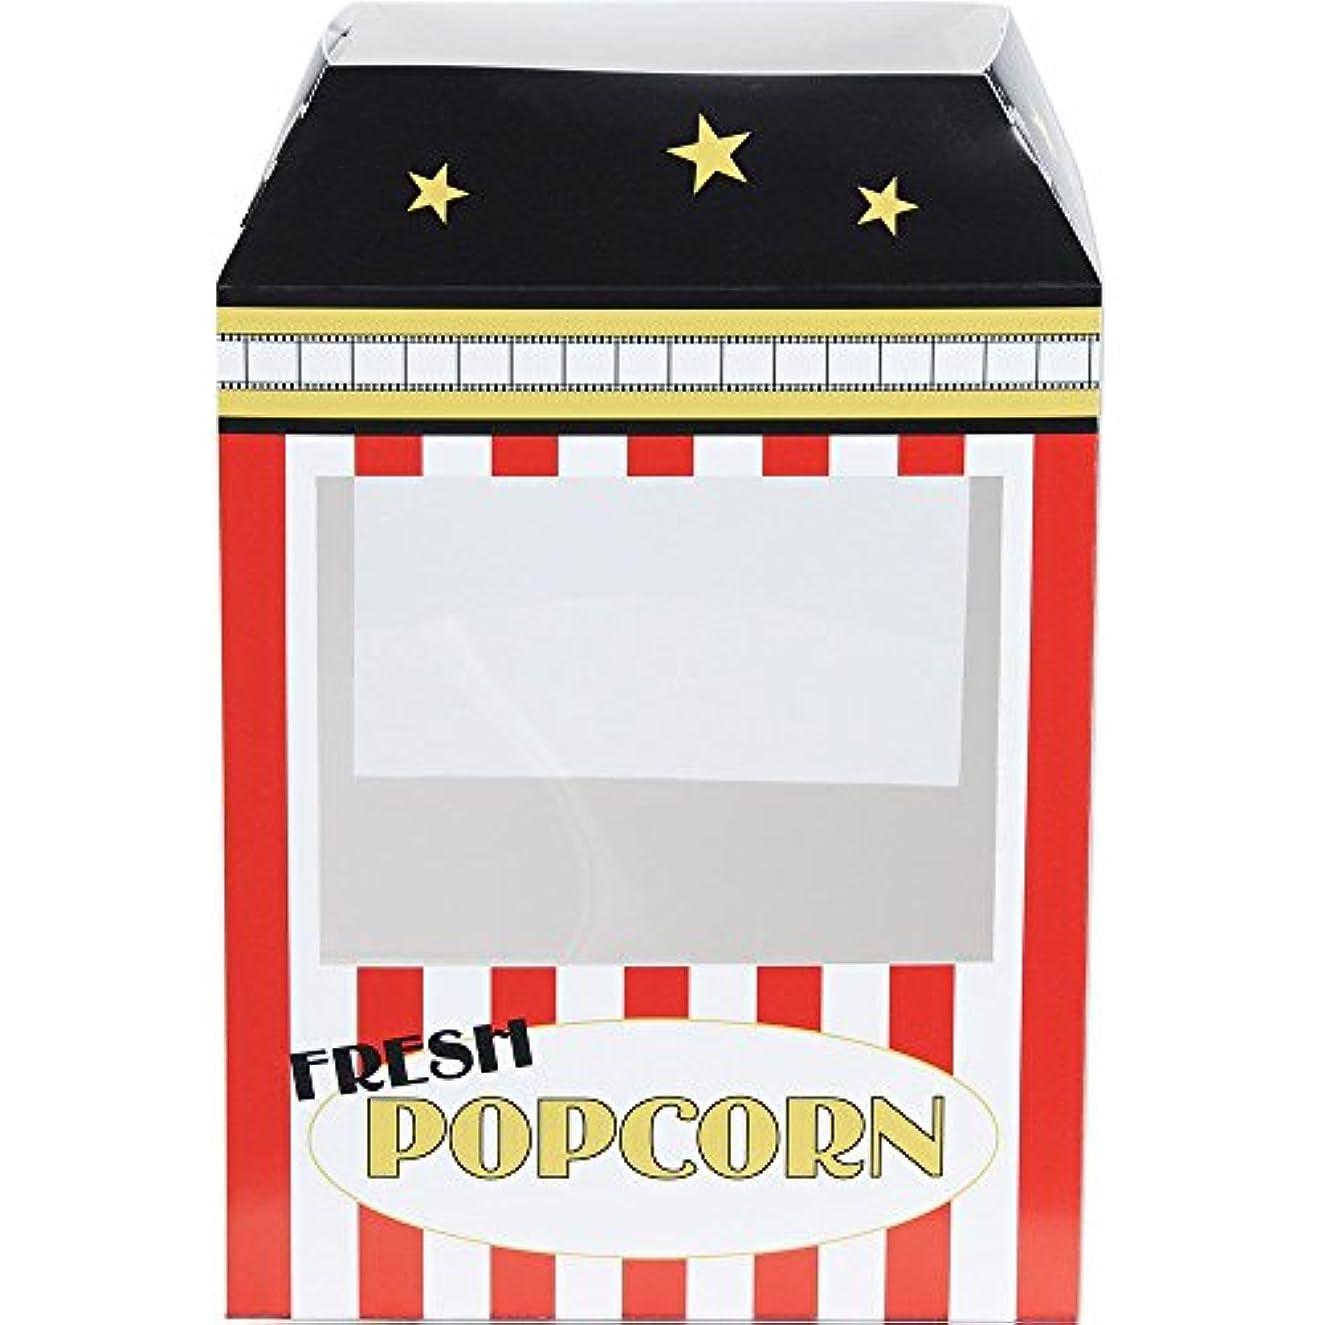 Beistle 50098 Popcorn Machine Centerpiece, 15-1/4-Inch by 8-1/4-Inch by 10-1/2-Inch